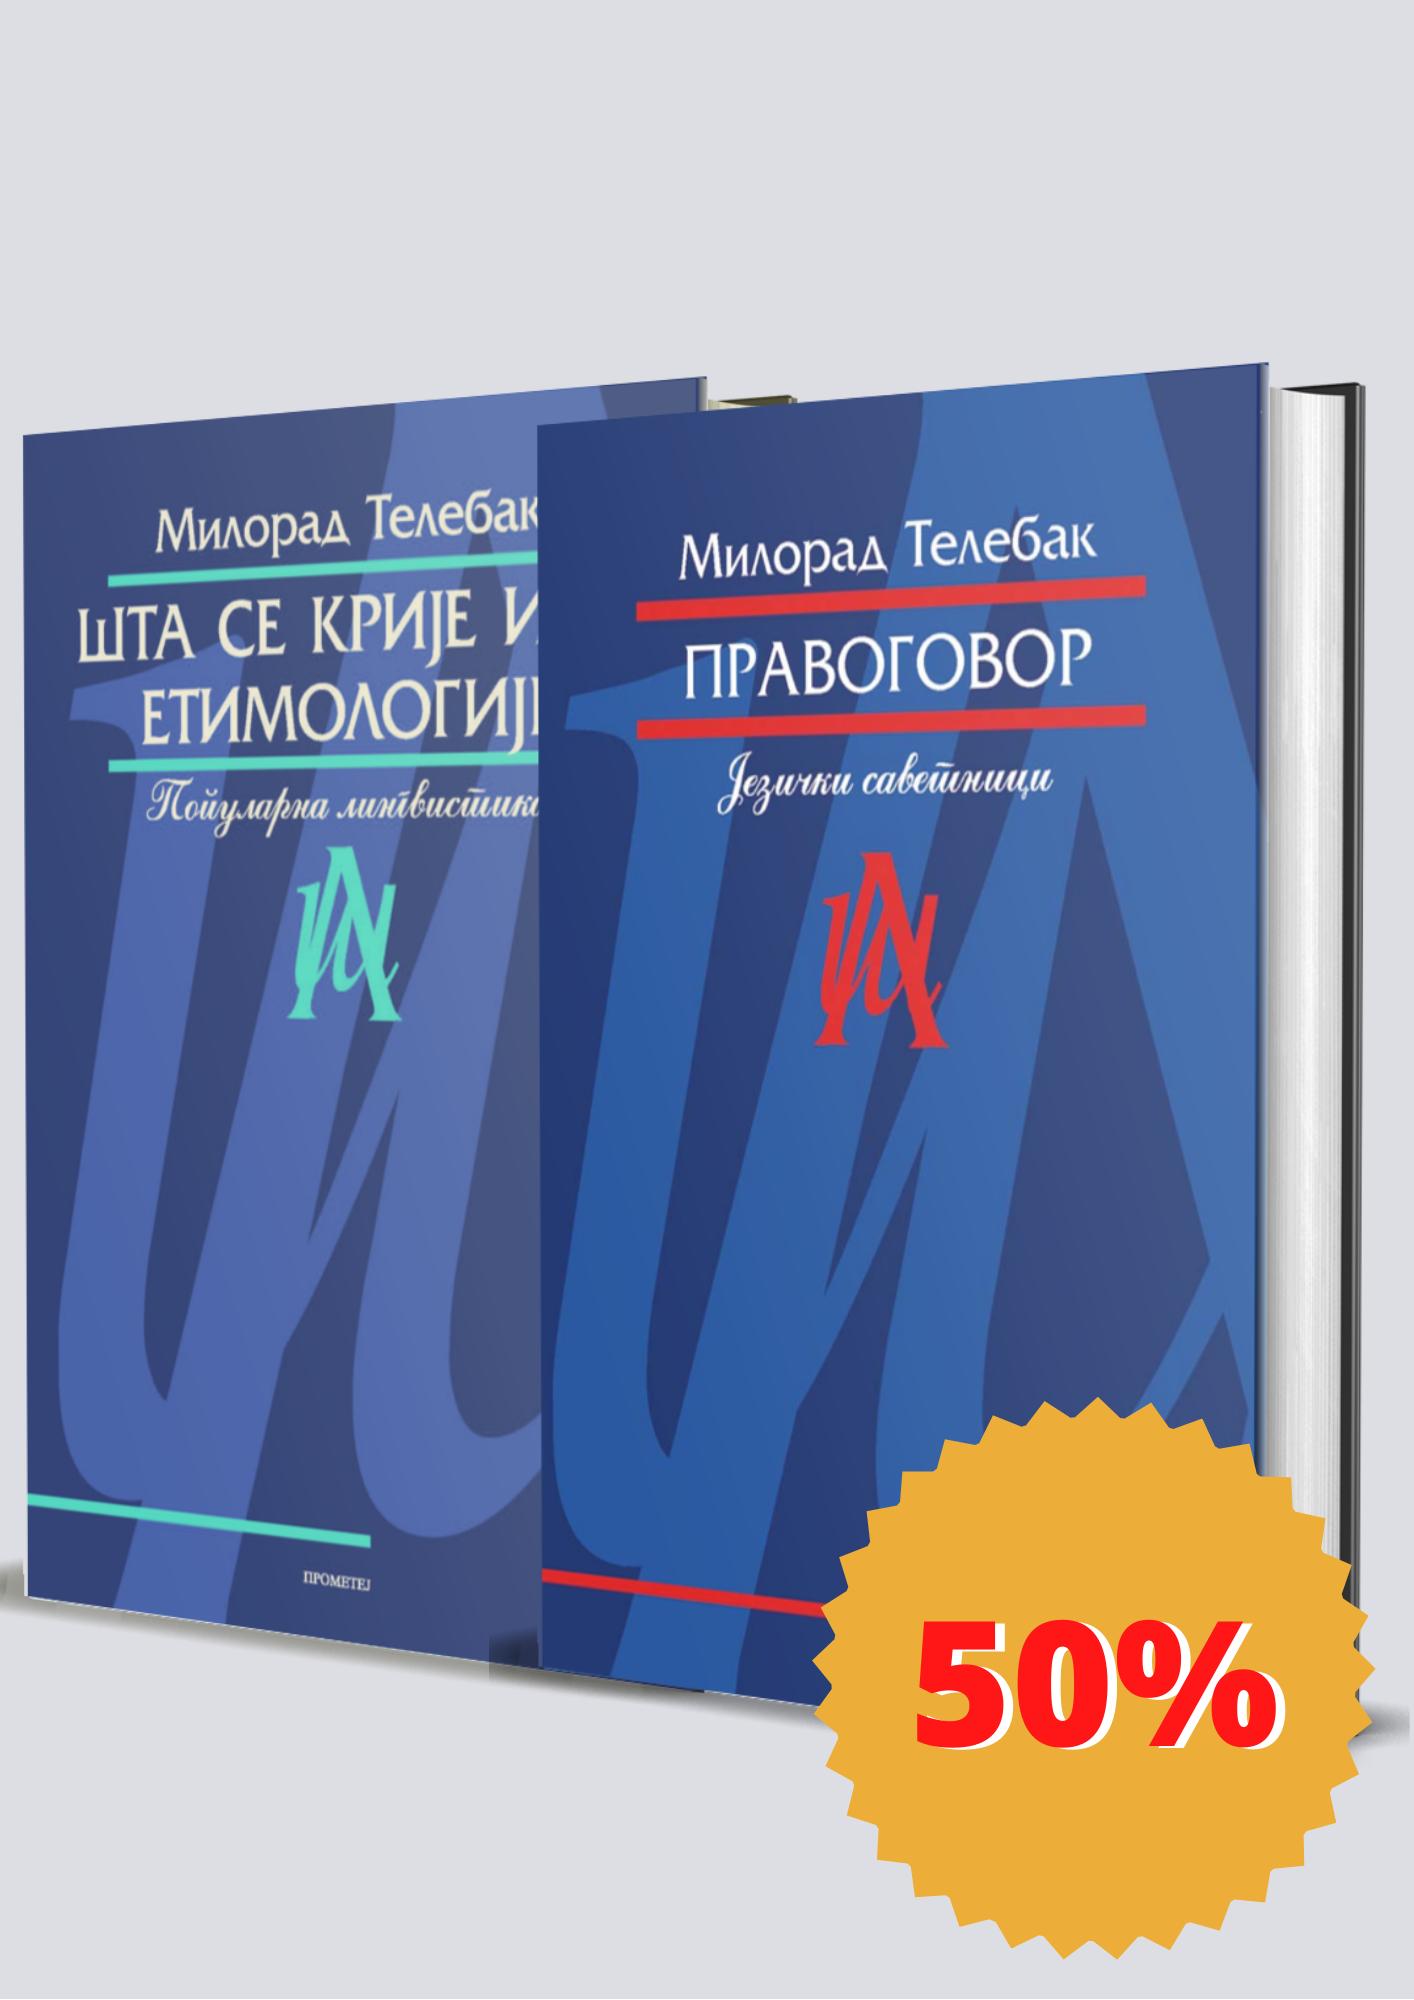 Популарна лингвистика I – 2 књиге по цени једне